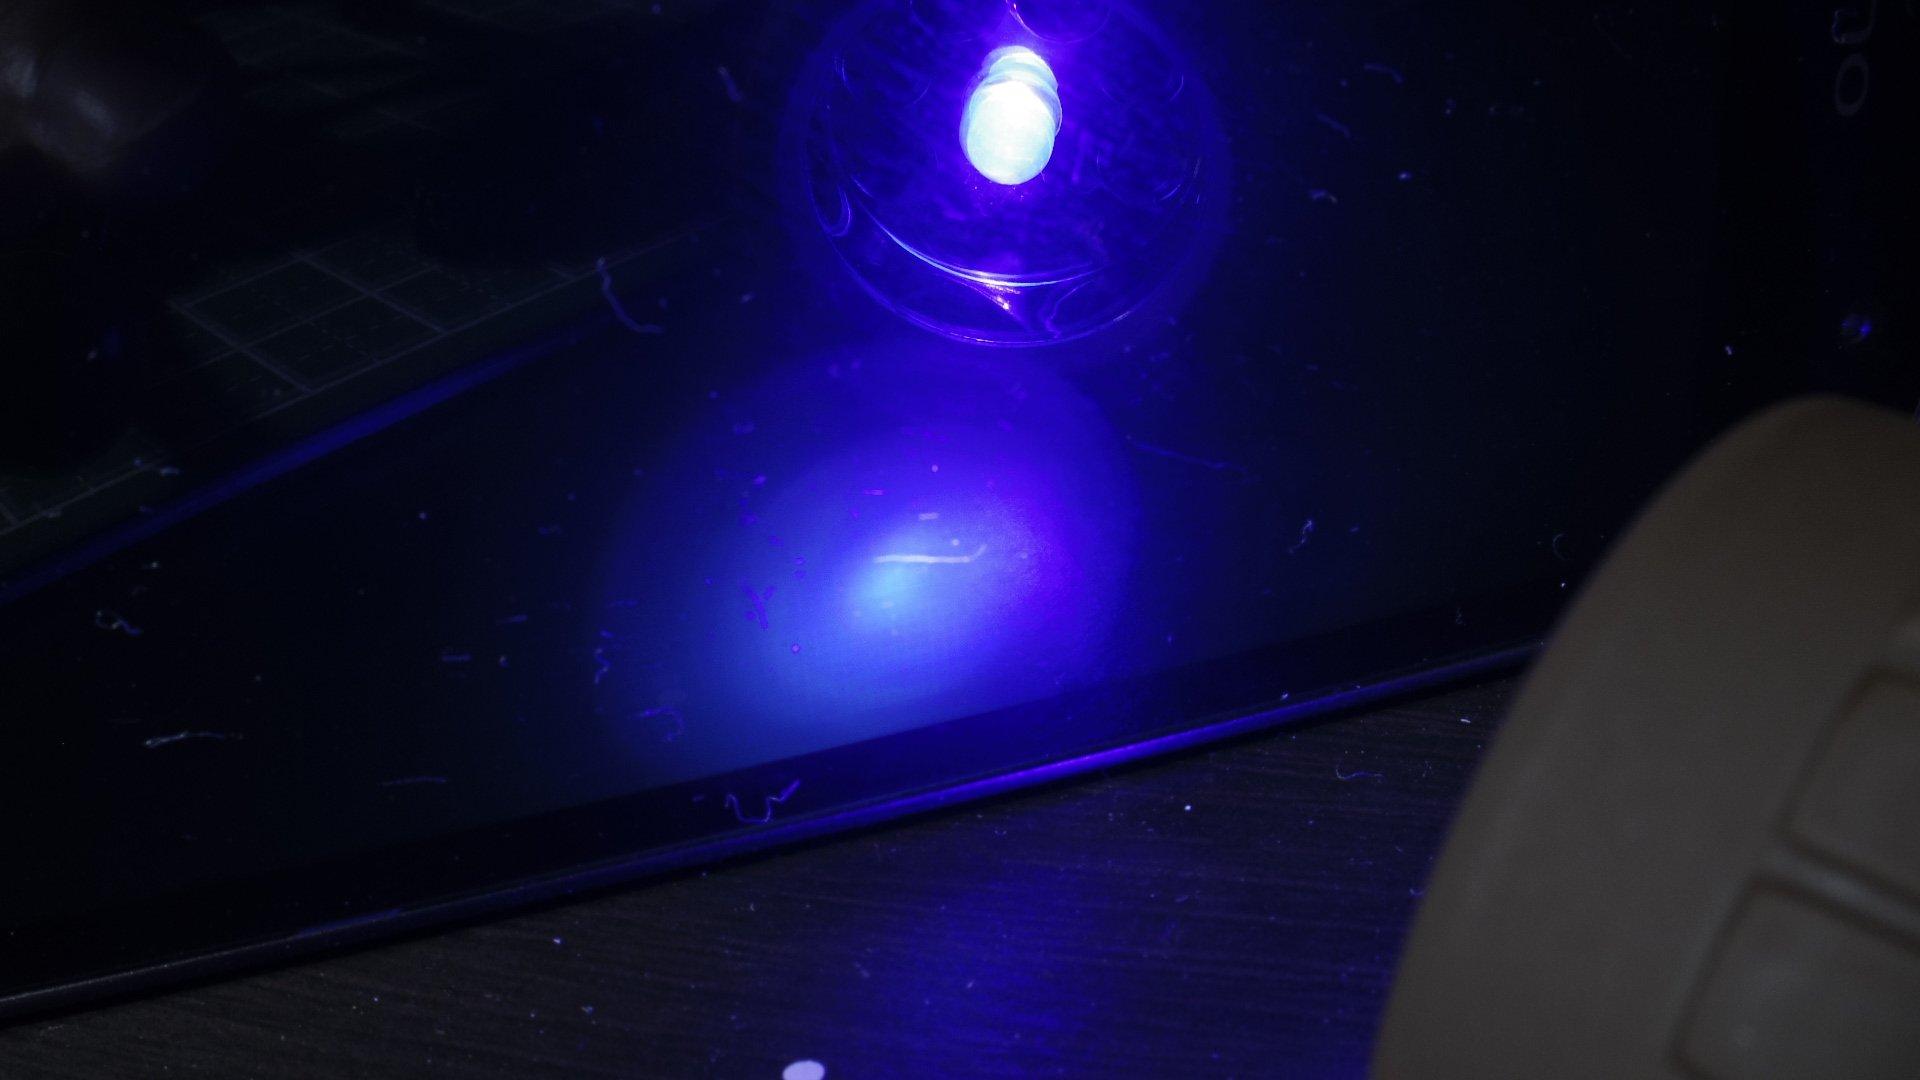 UVライトを自作する